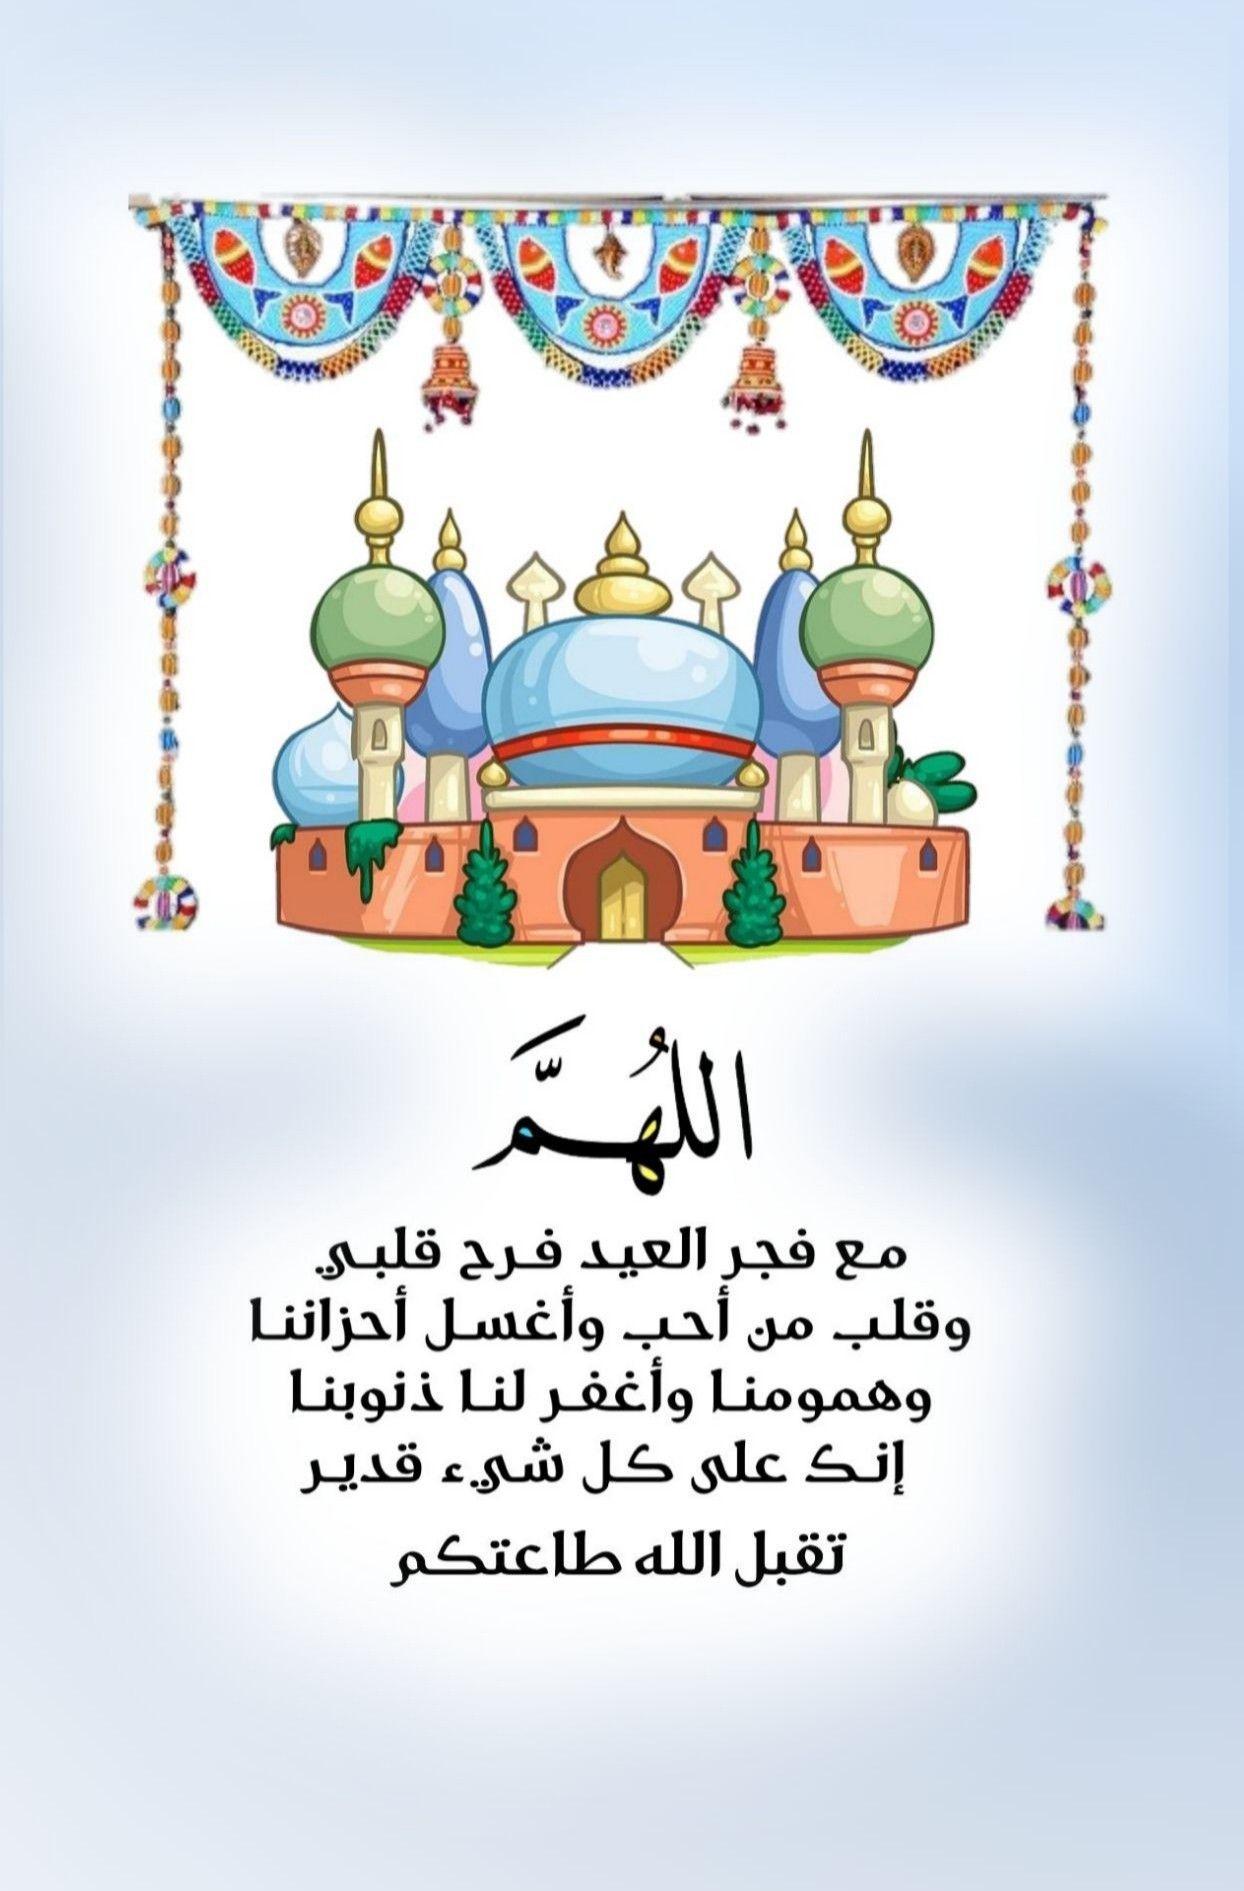 تقبل الله طاعتكم الل هــم مـع فجـر العيـد فــرح قلبــي وقلـب من أحـب وأغســل أحزاننــا وهمومنــا وأغفــر لنـ Eid Cards Ramadan Greetings Happy Eid